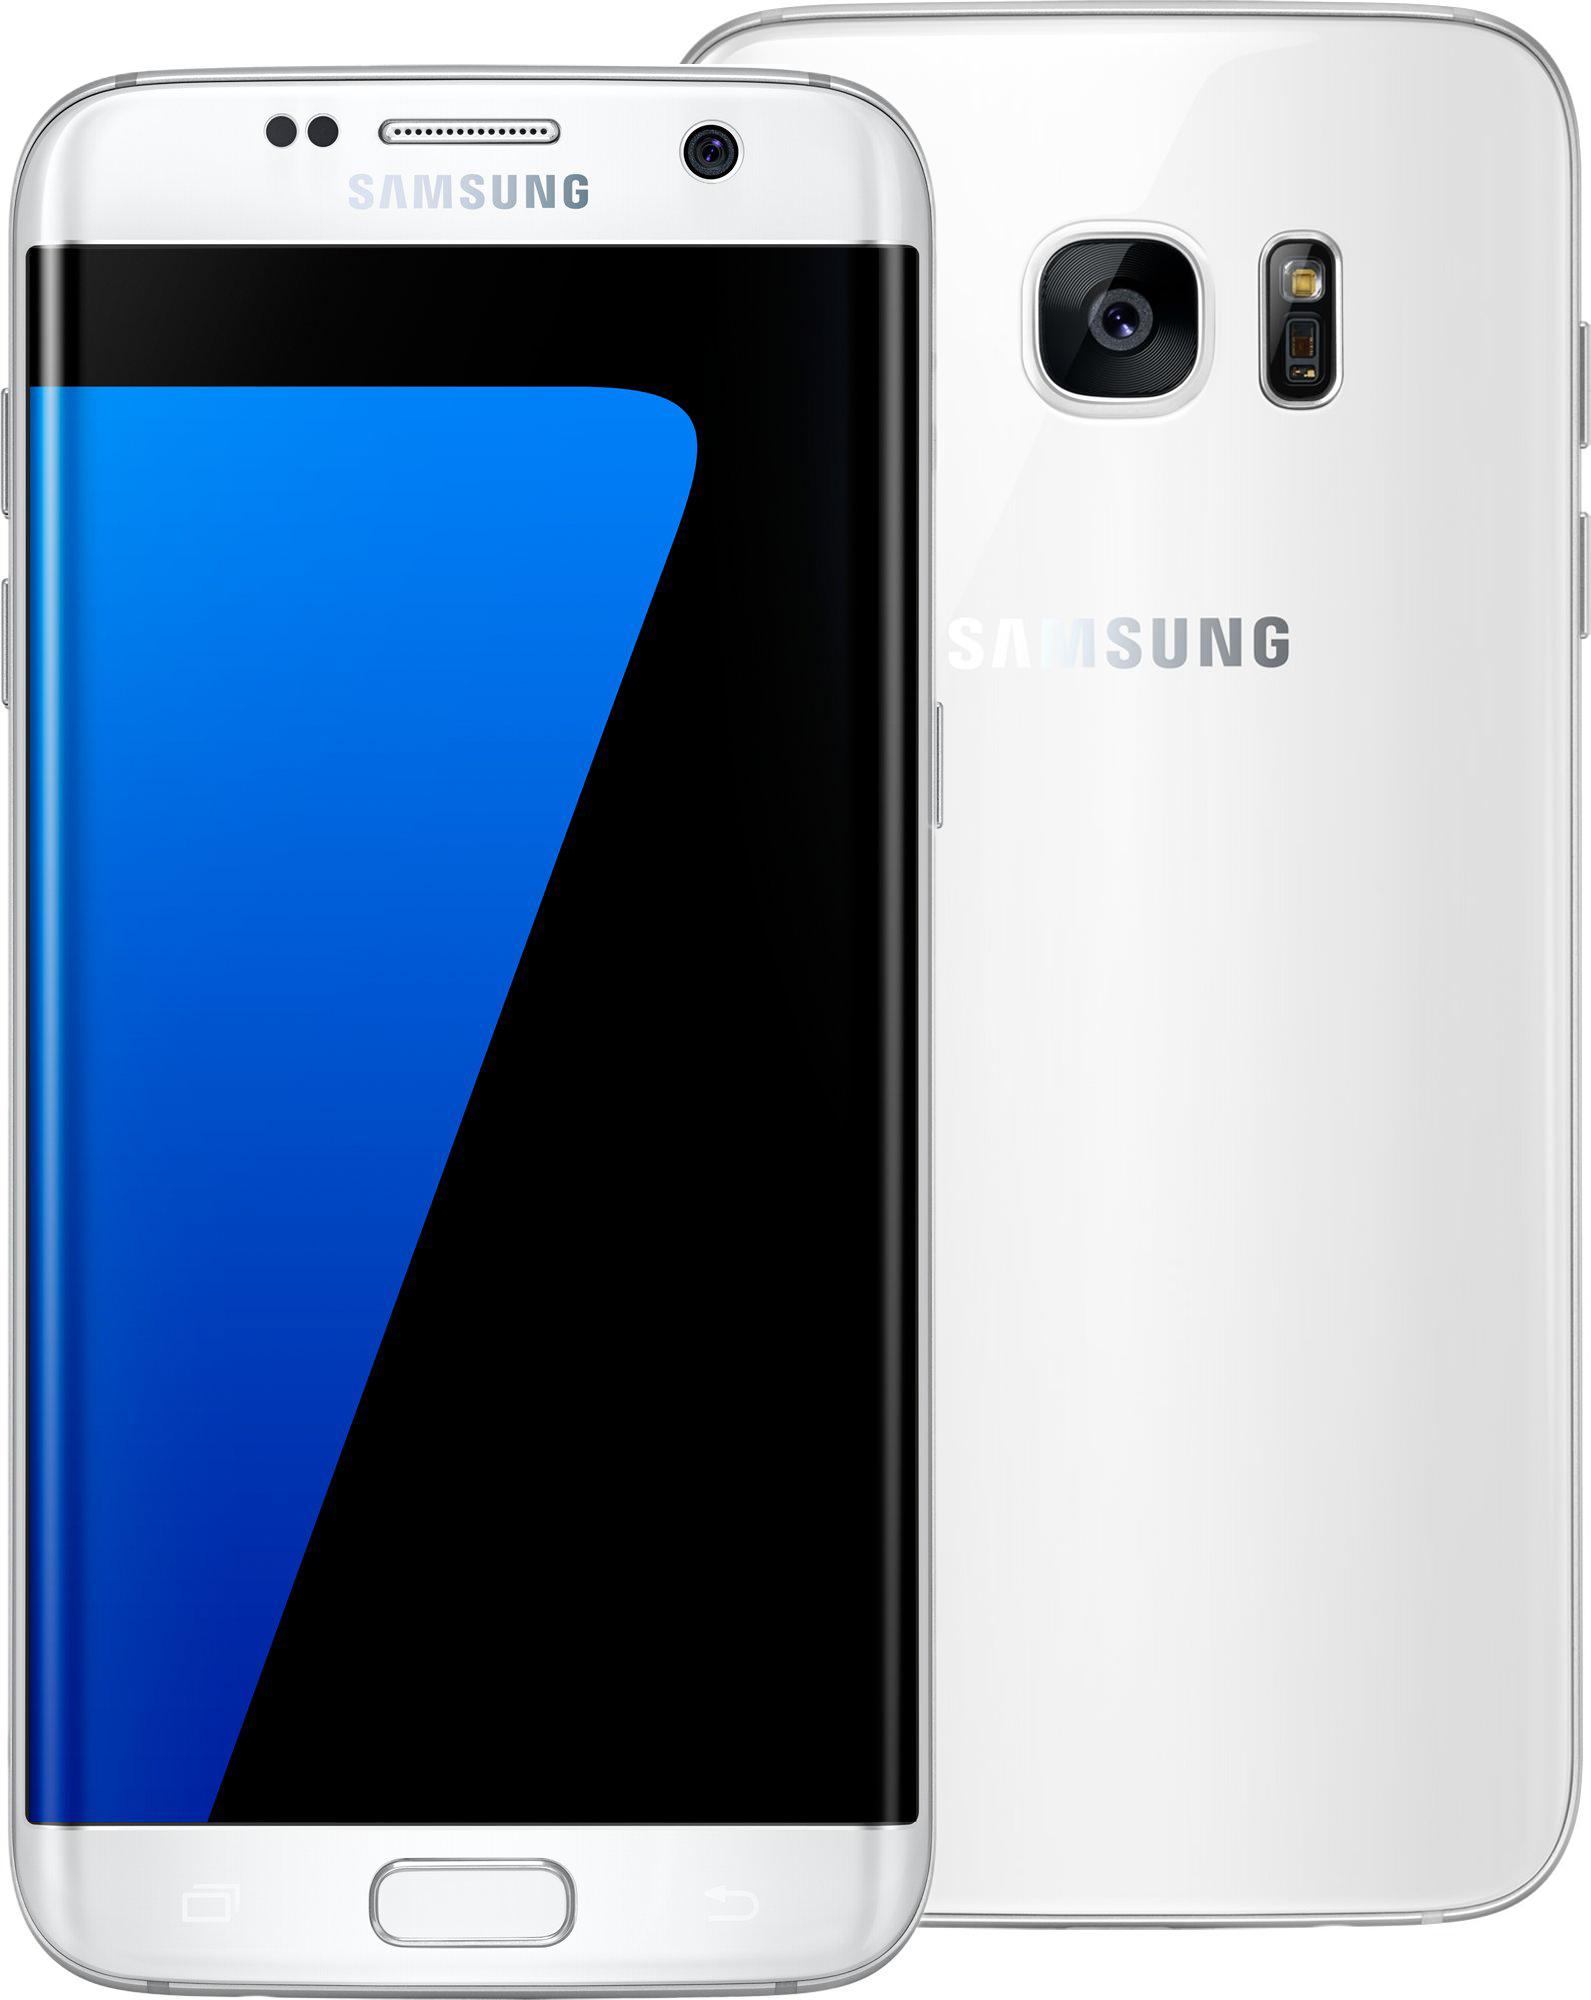 Samsung Galaxy S7 Edge White - 32GB